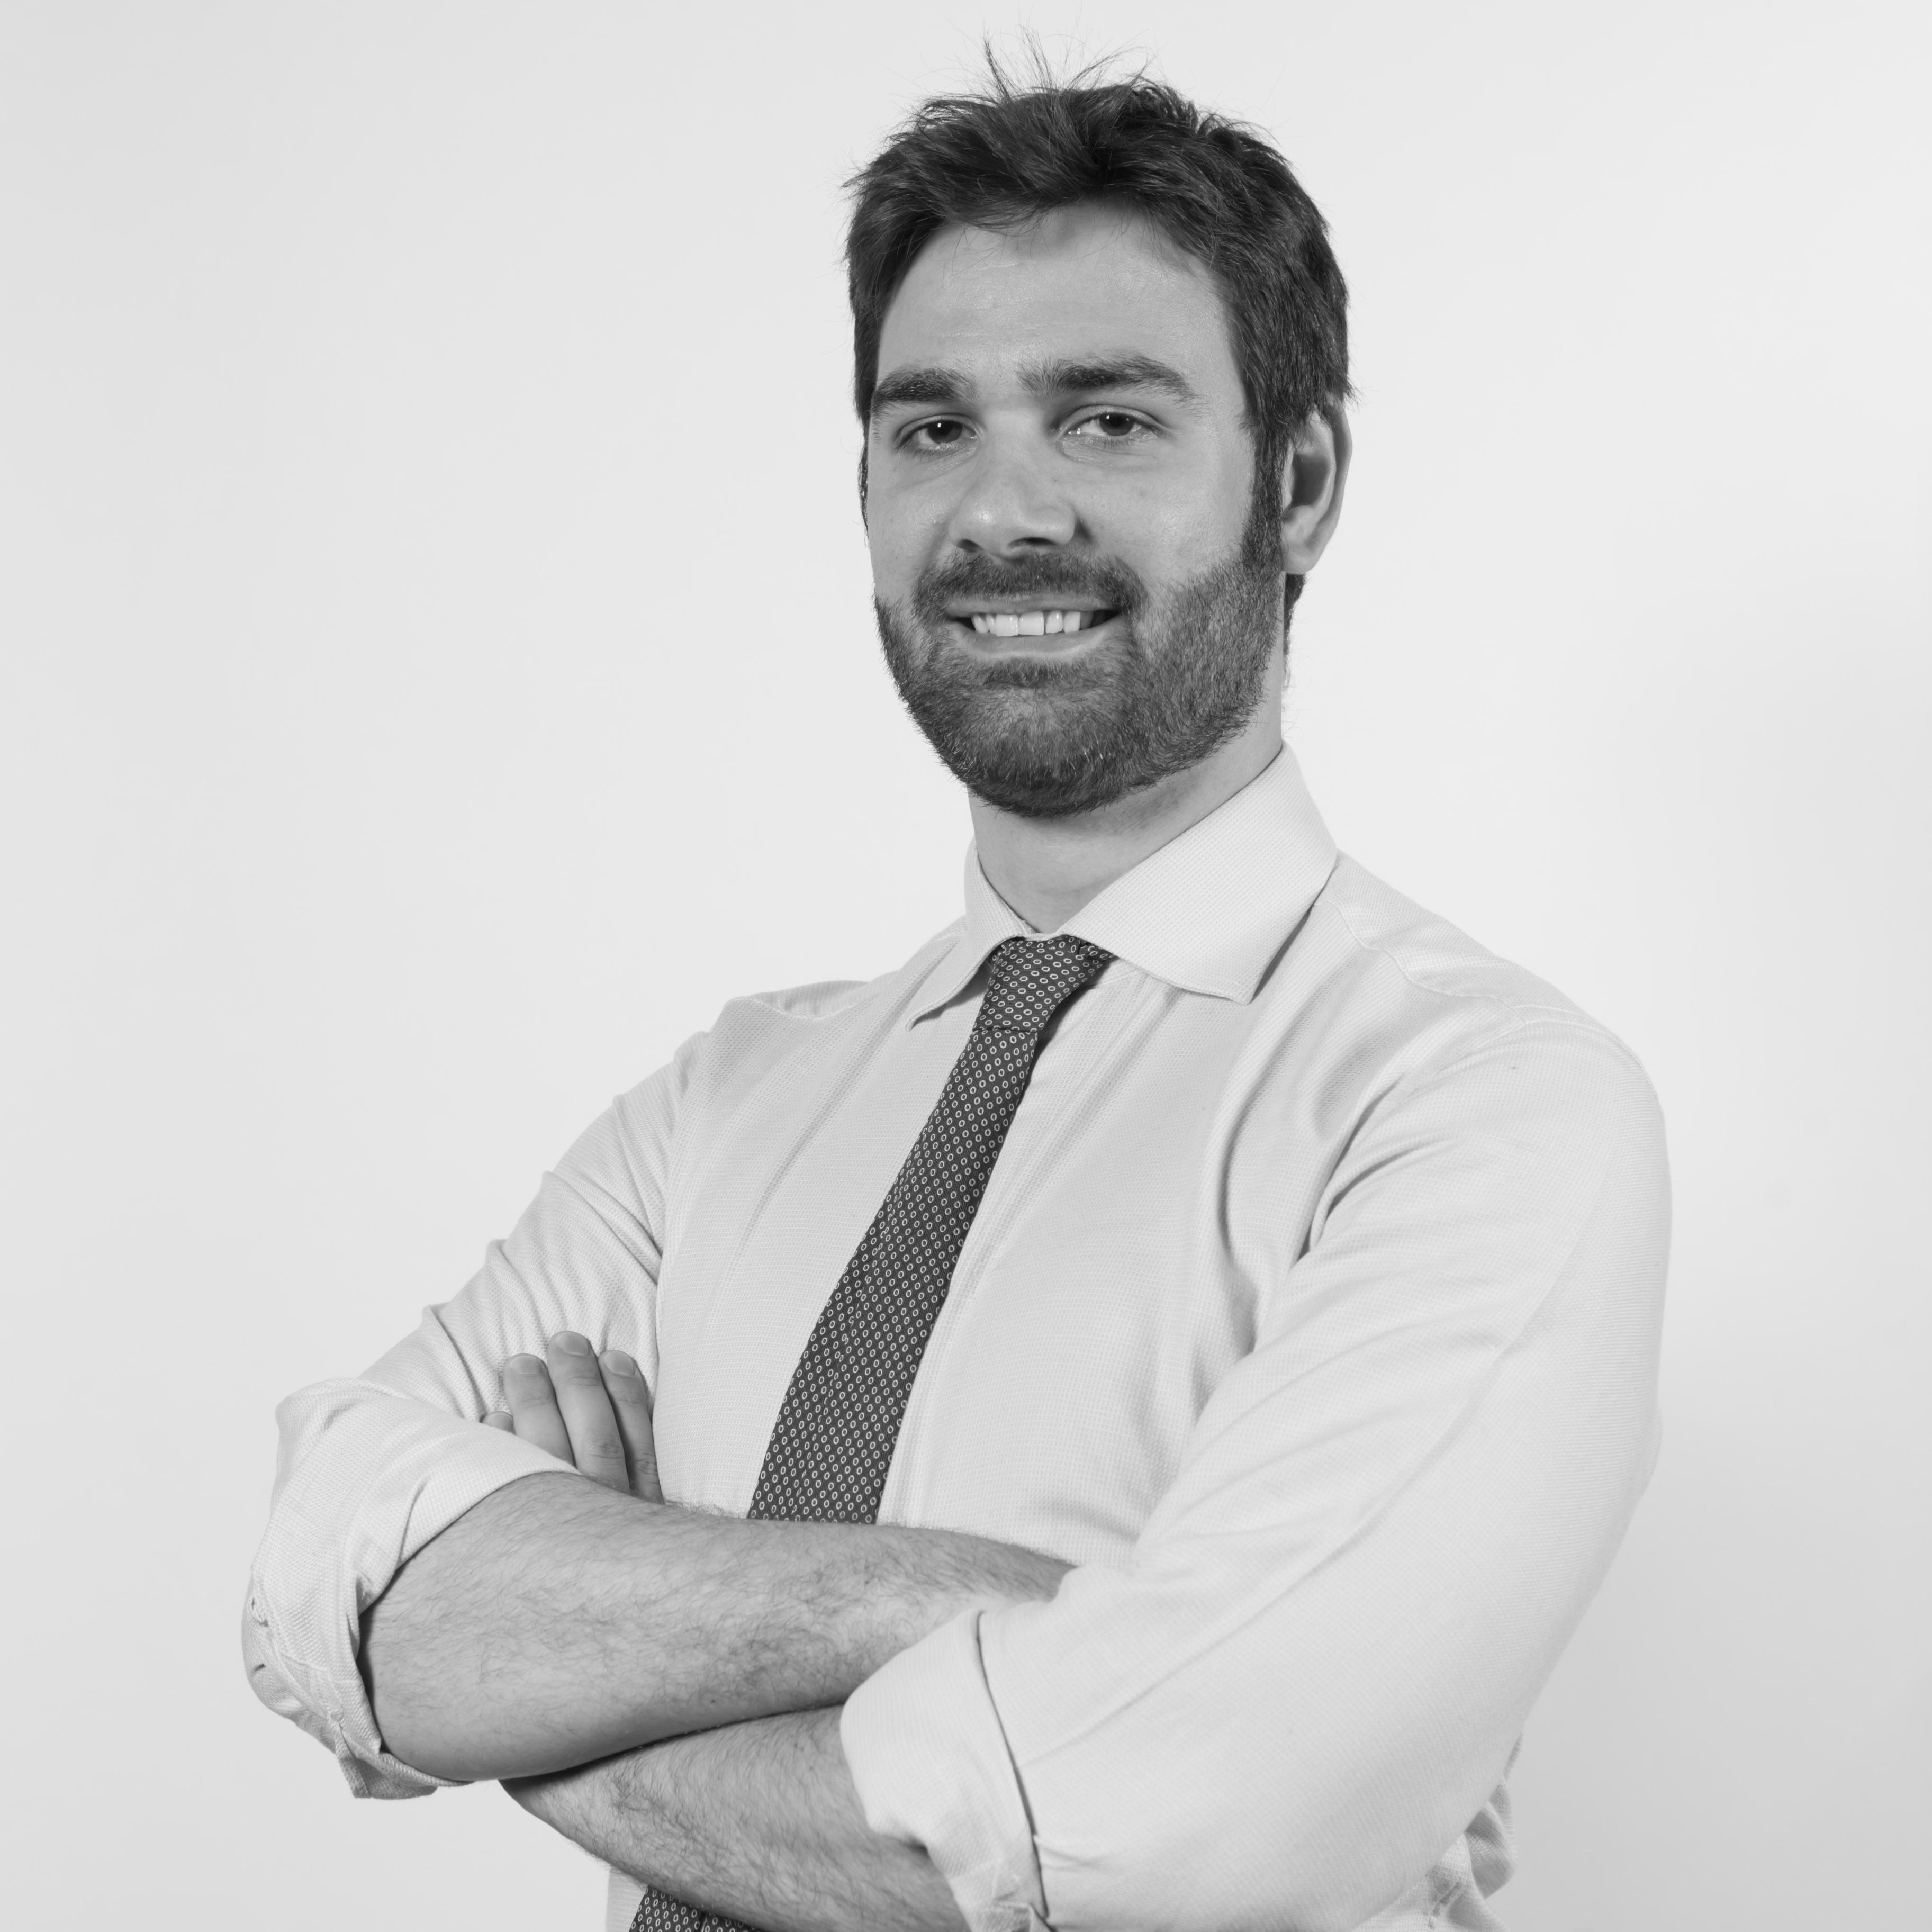 Daniele Pelucchi